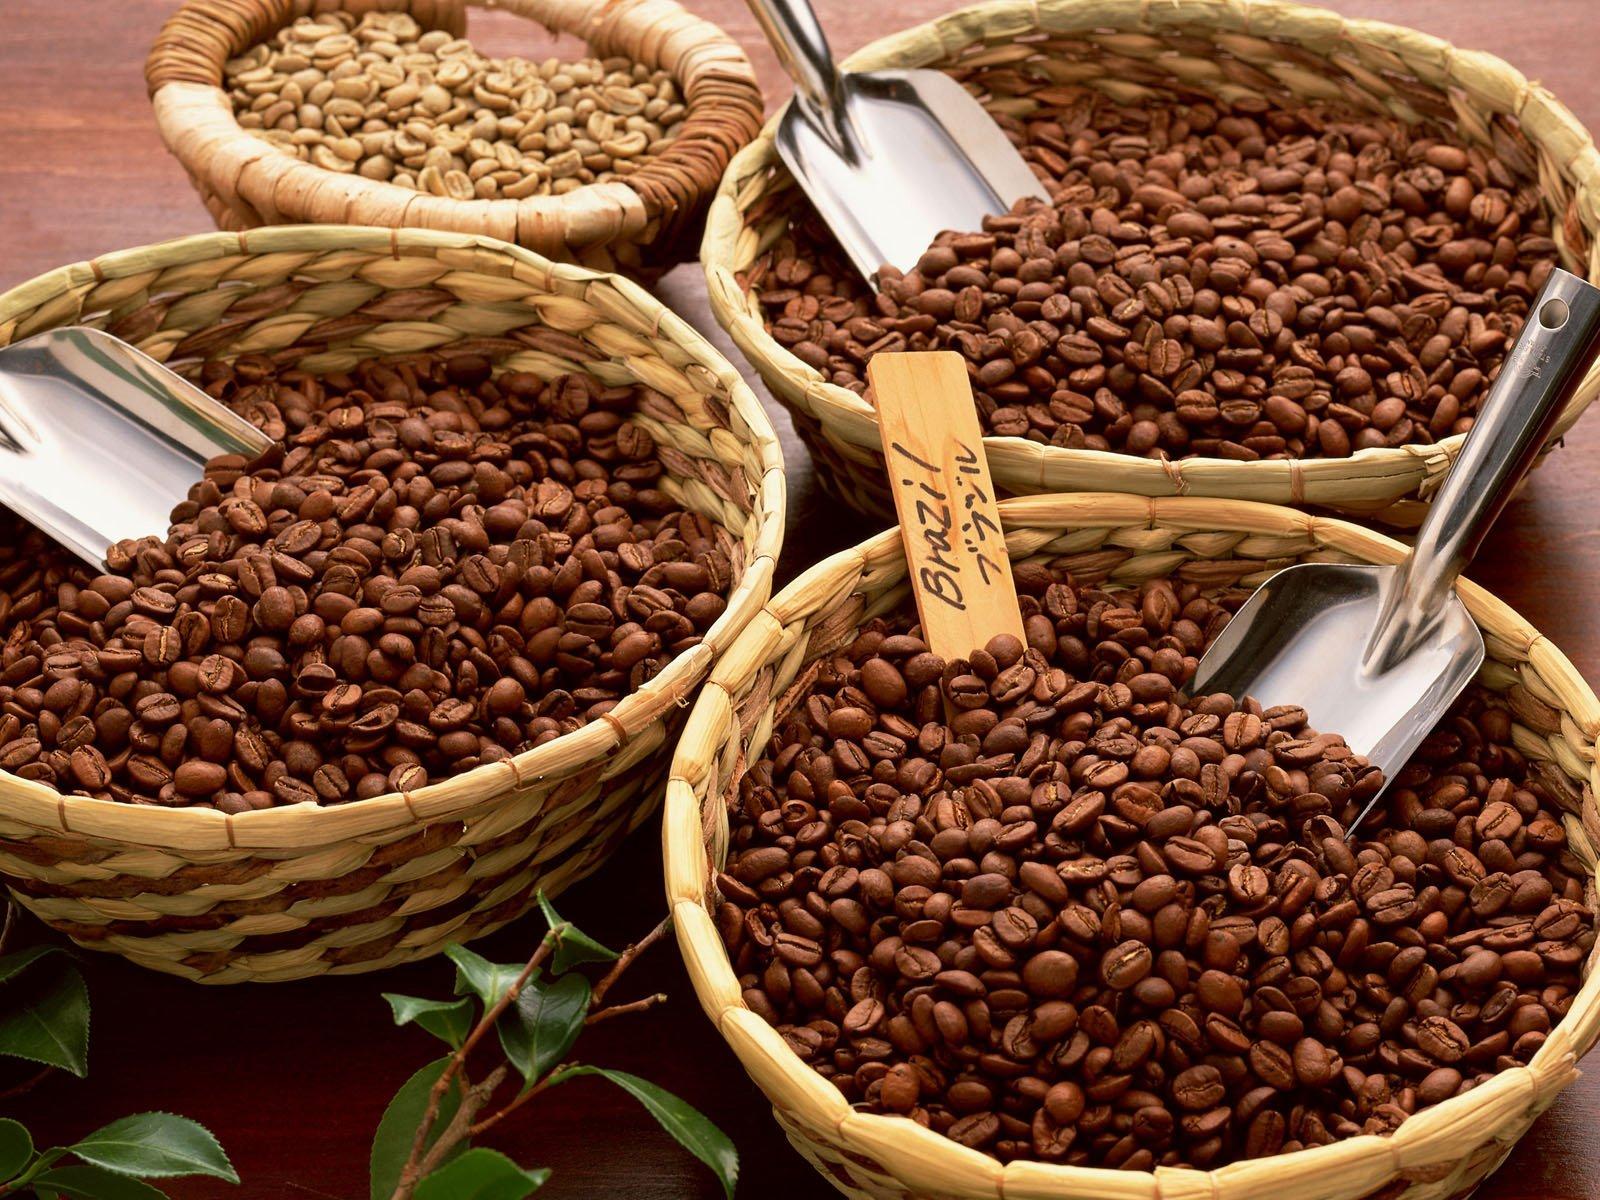 Chợ Việt Online luôn cung cấp các sản phẩm cà phê nguyên chất nhất